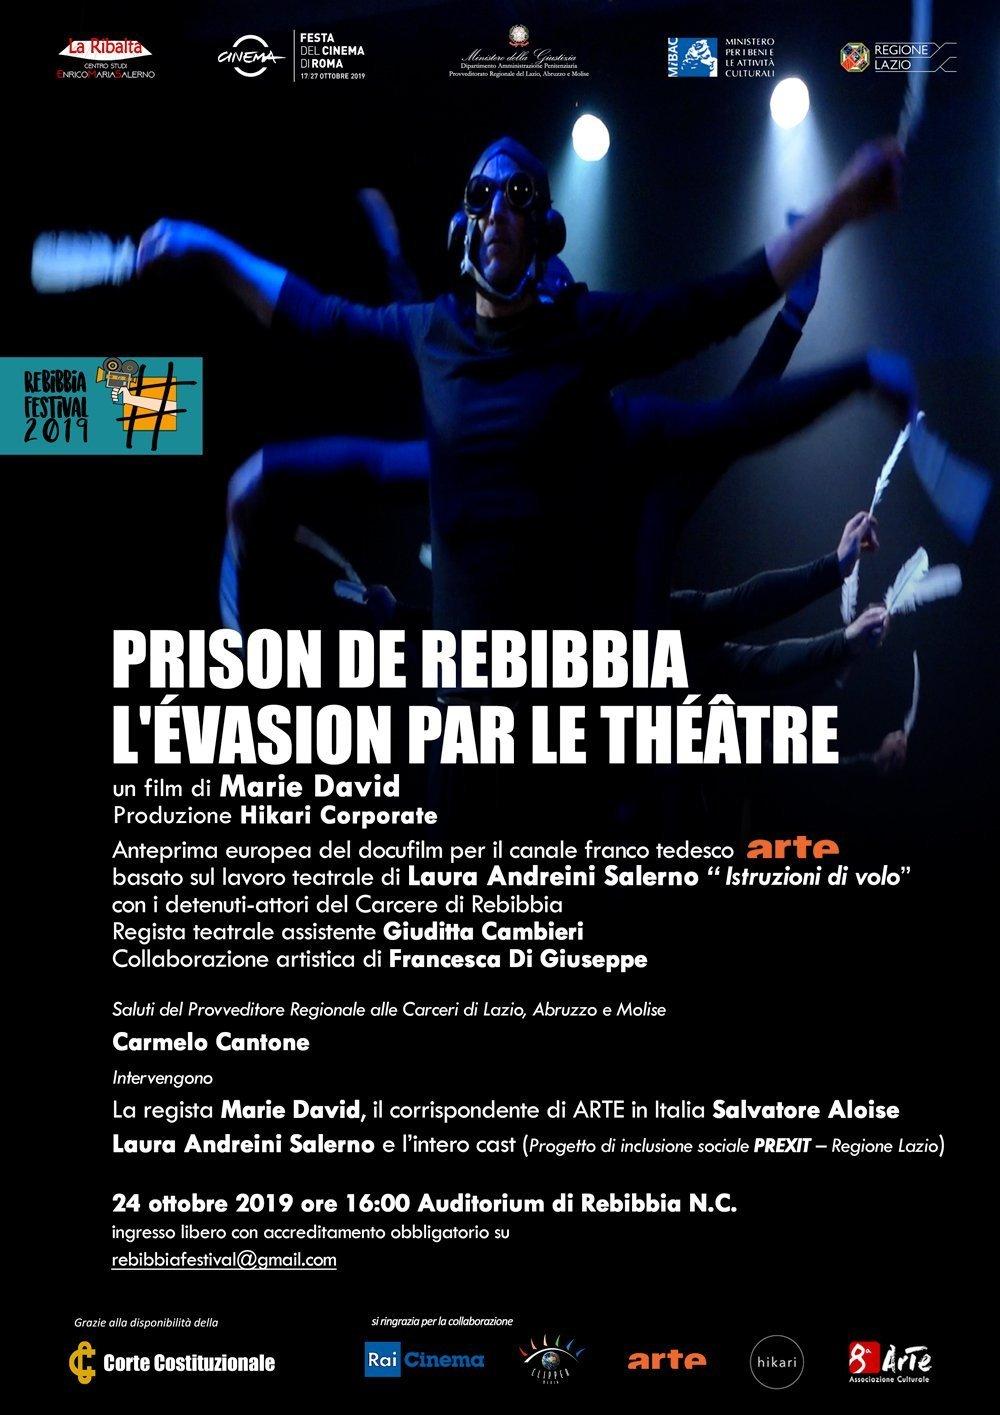 Prison de Rebibbia. L'évasion par le théâtre